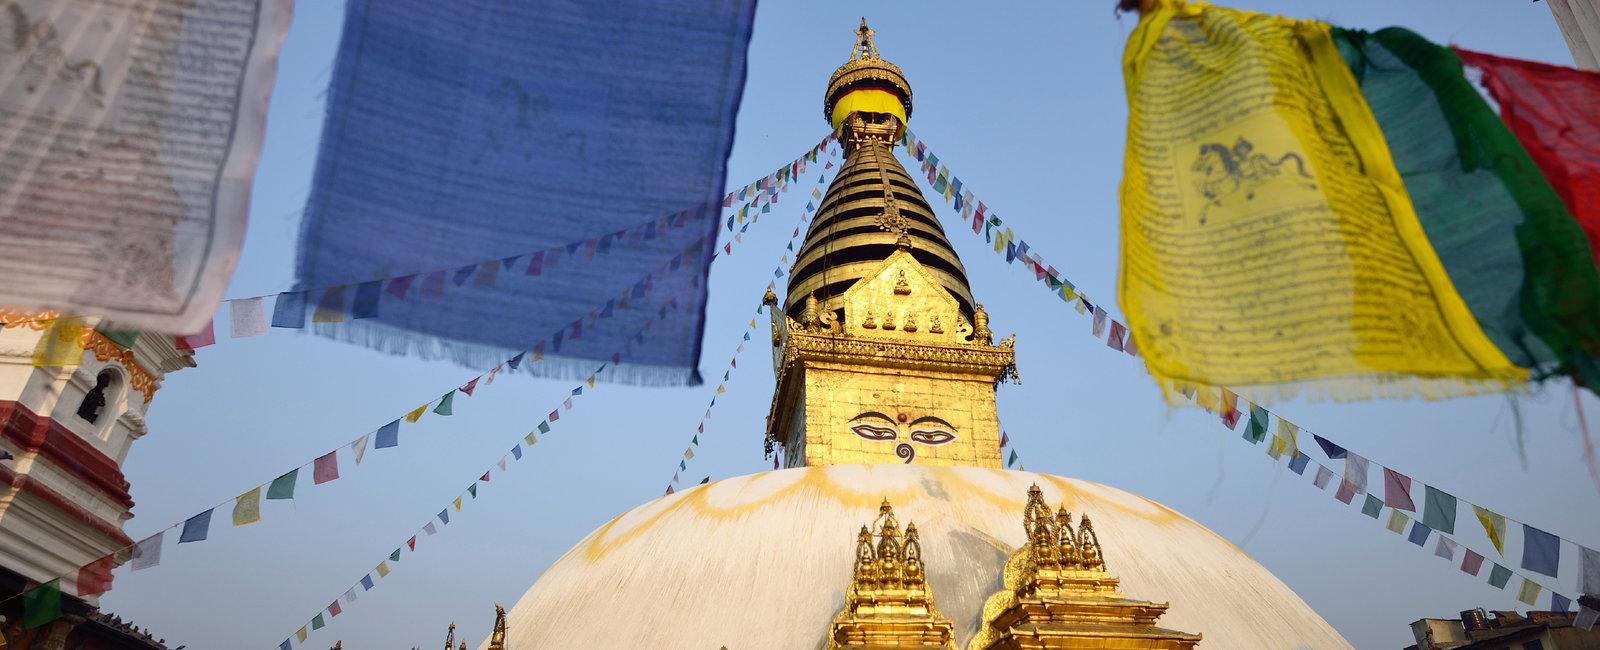 The wisdom eyes, Swayambhunath Monastery, Nepal